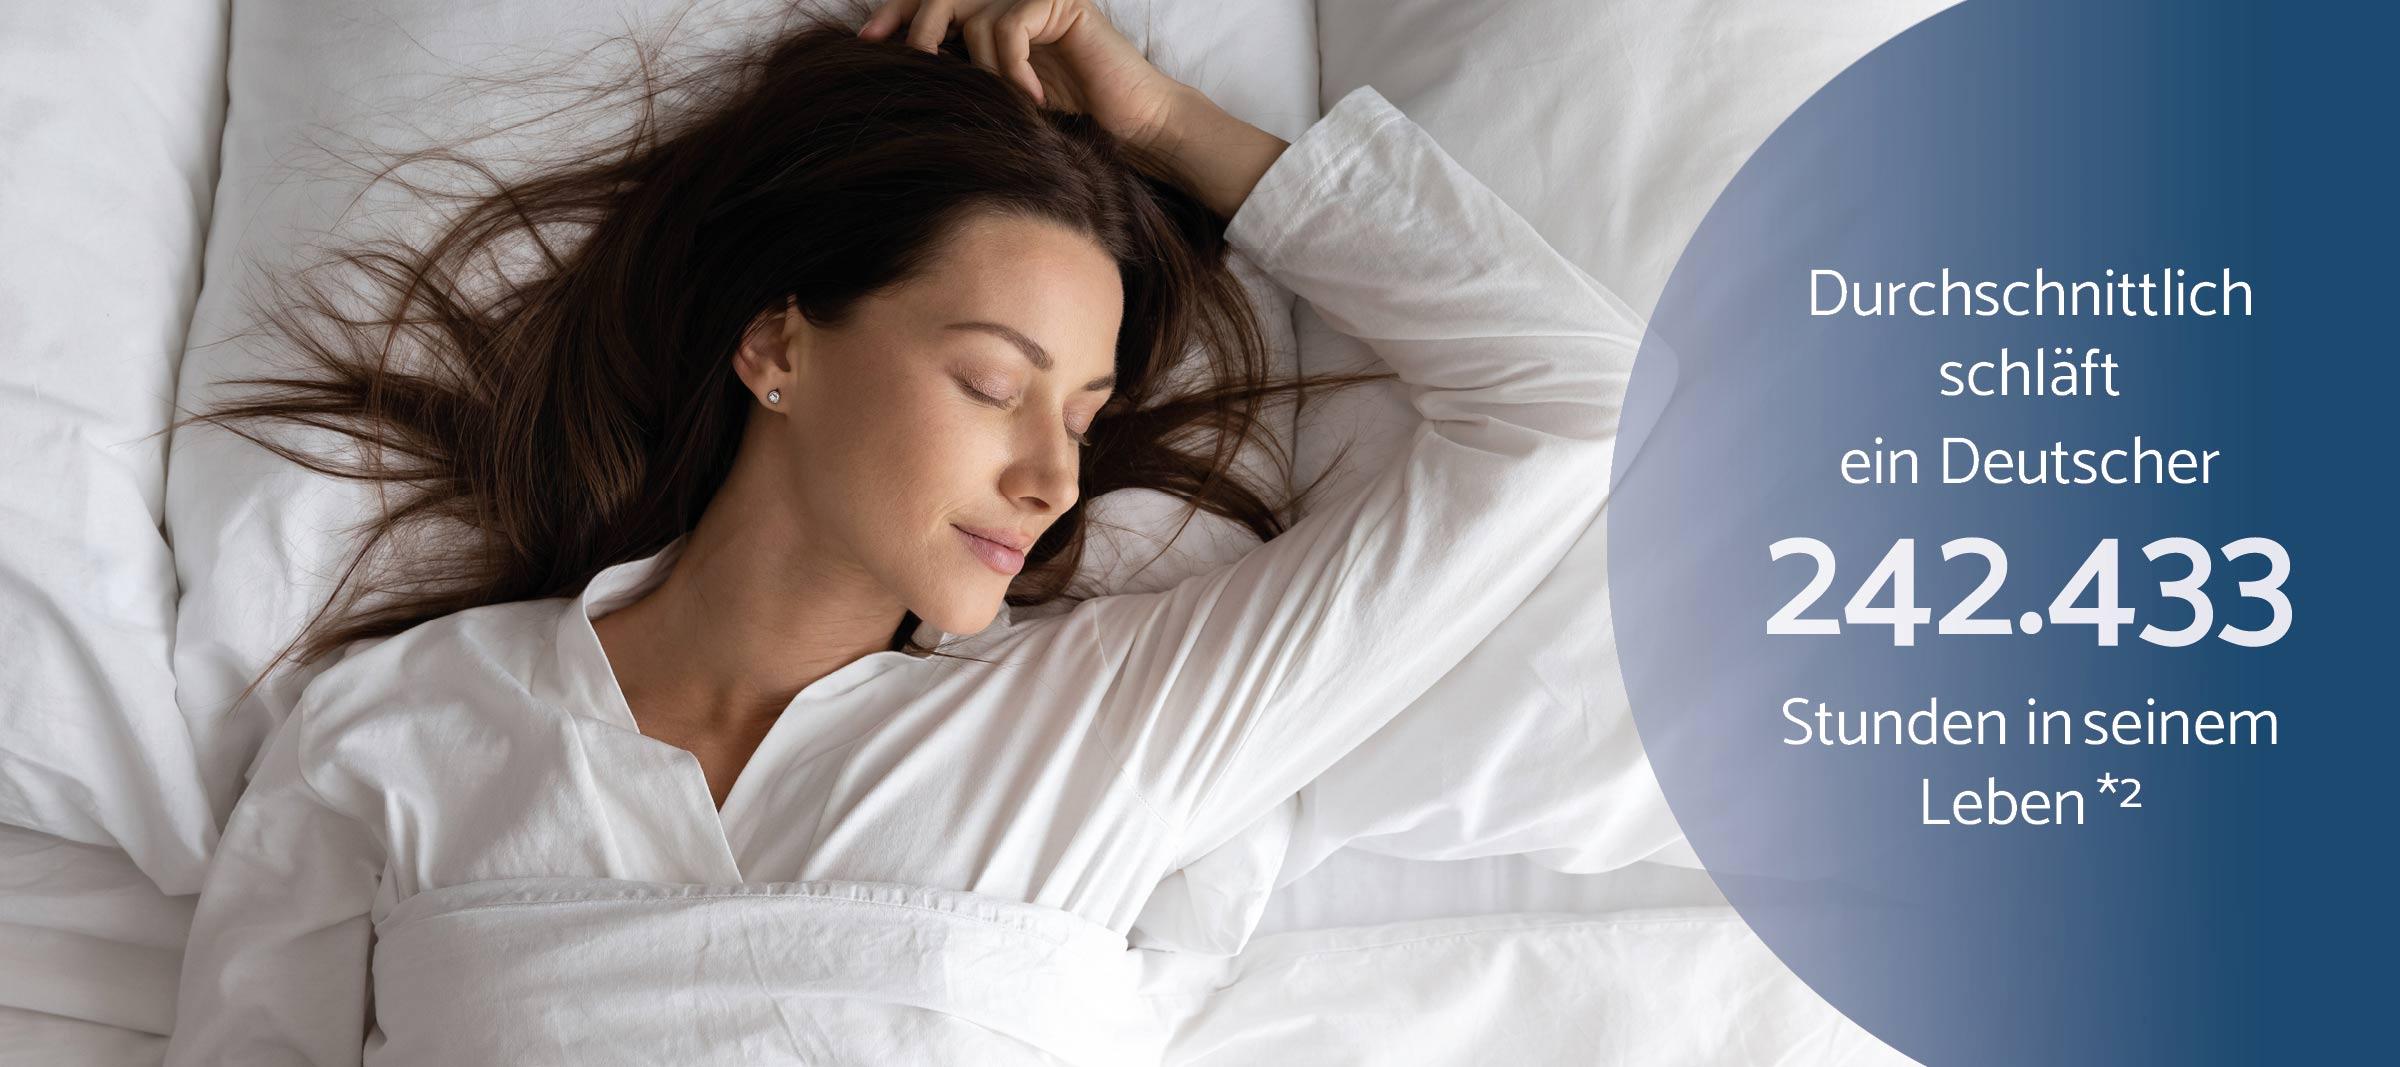 erholsammer-schlaf-durch-melatonin-schlaf-spray-und-schlaf-komplex-von-schaebens